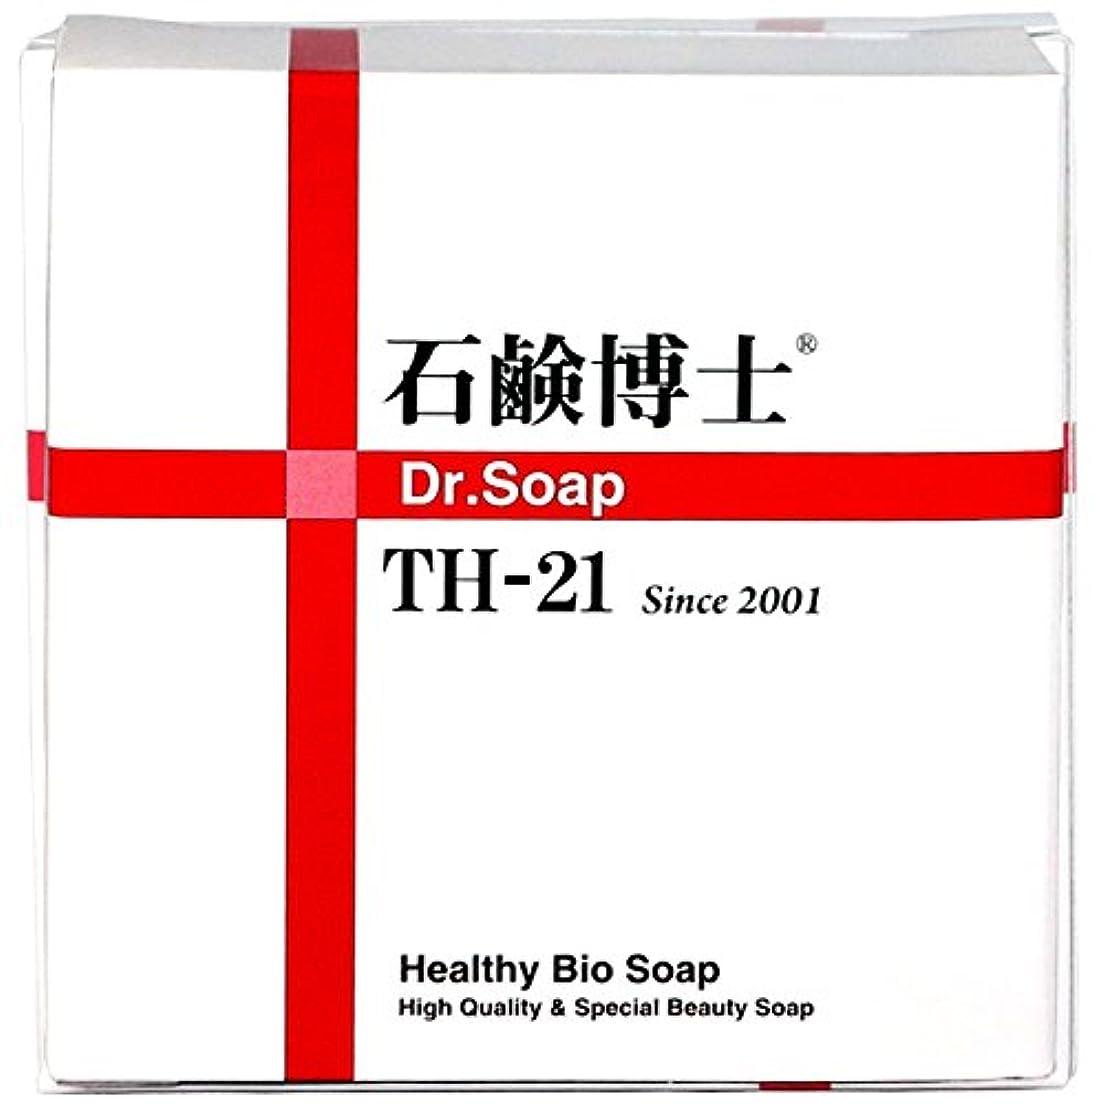 ヒロイン教師の日倒産ミネラルと分解酵素で洗顔しながらスキンケア 石鹸博士 DRソープ石鹸 Dr.Soap TH-21 100g